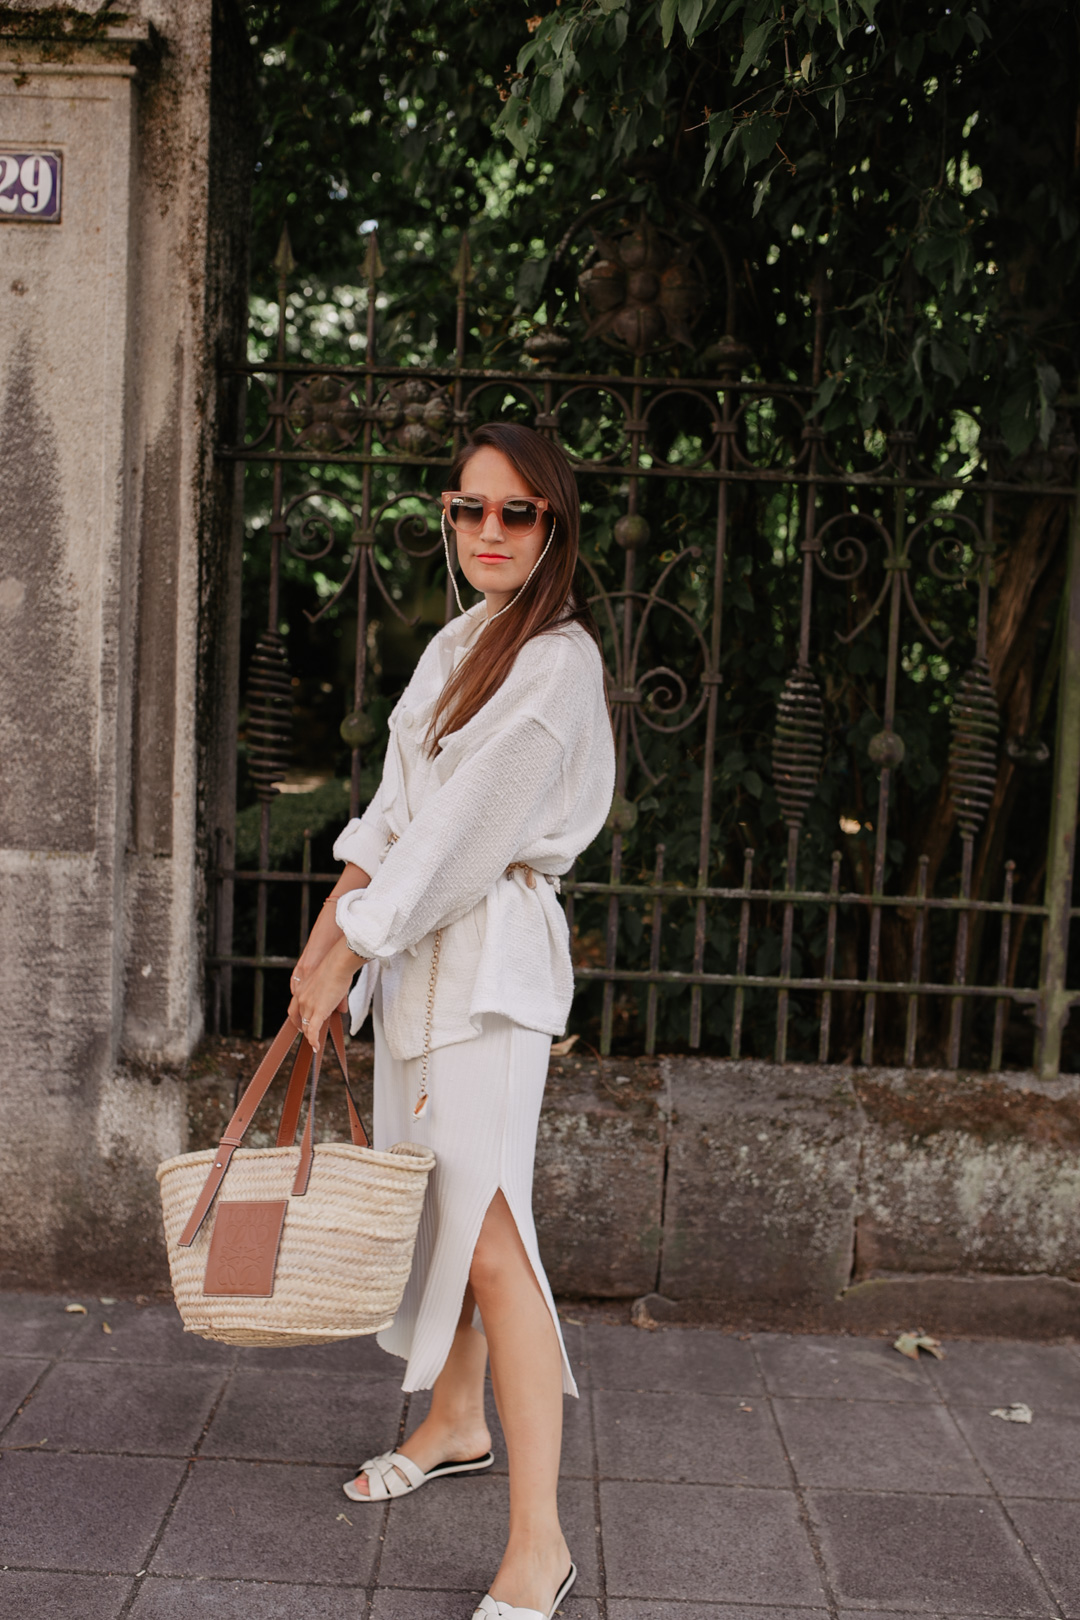 Capsule Wardrobe: Sommerstrickkleid und weiße Hemdjacke – ein entspannter Sommerlook für jeden Tag // Pieces of Mariposa